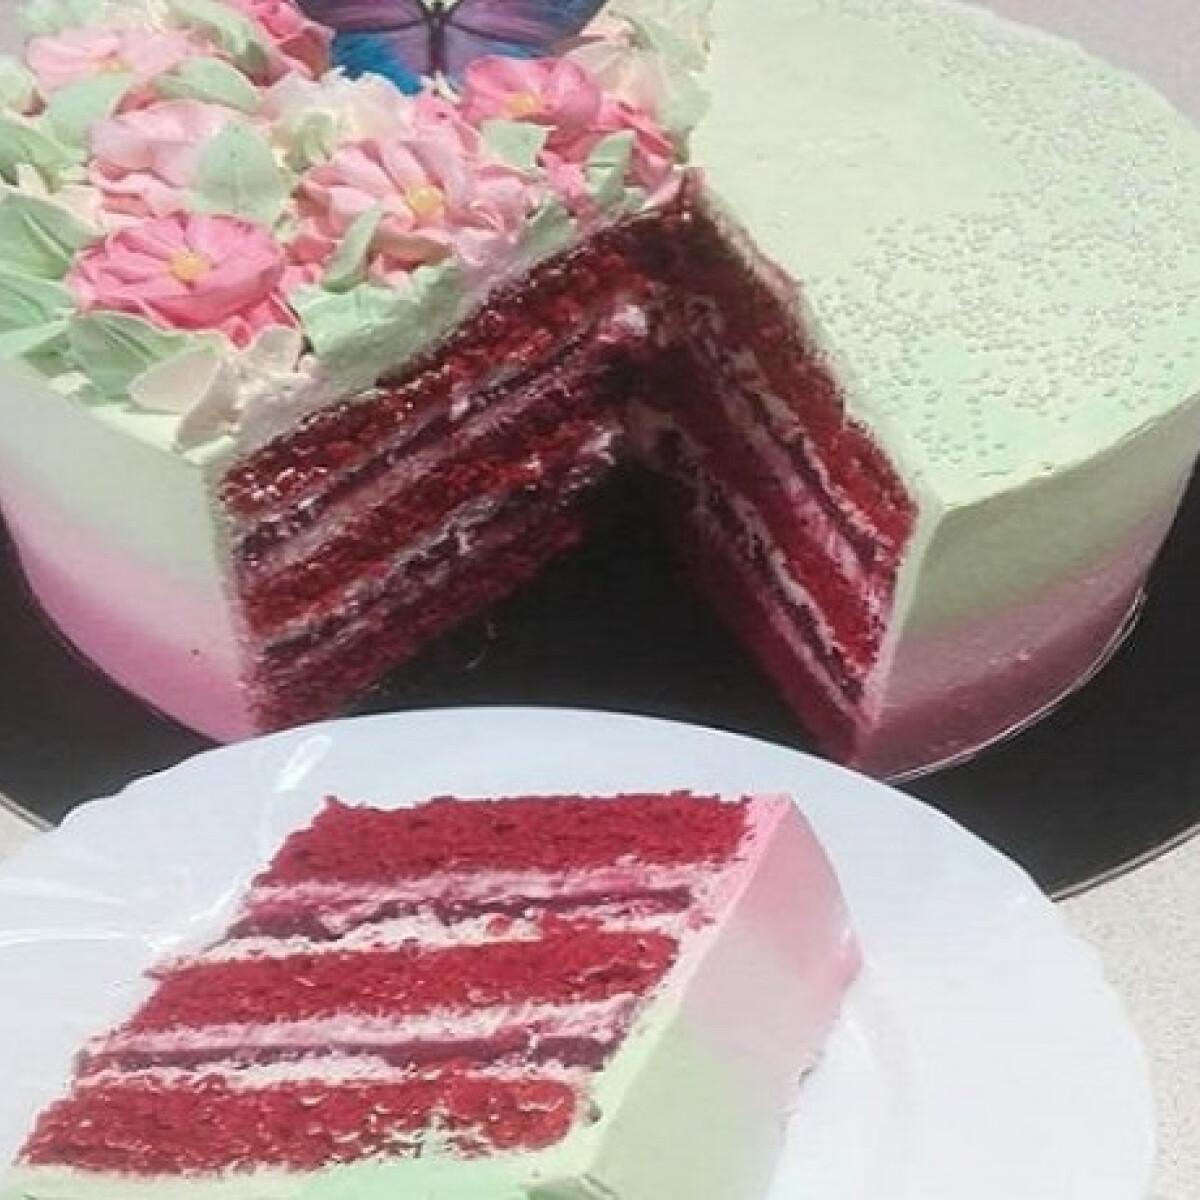 Vörös bársony torta tejszínes mascarponekrémmel